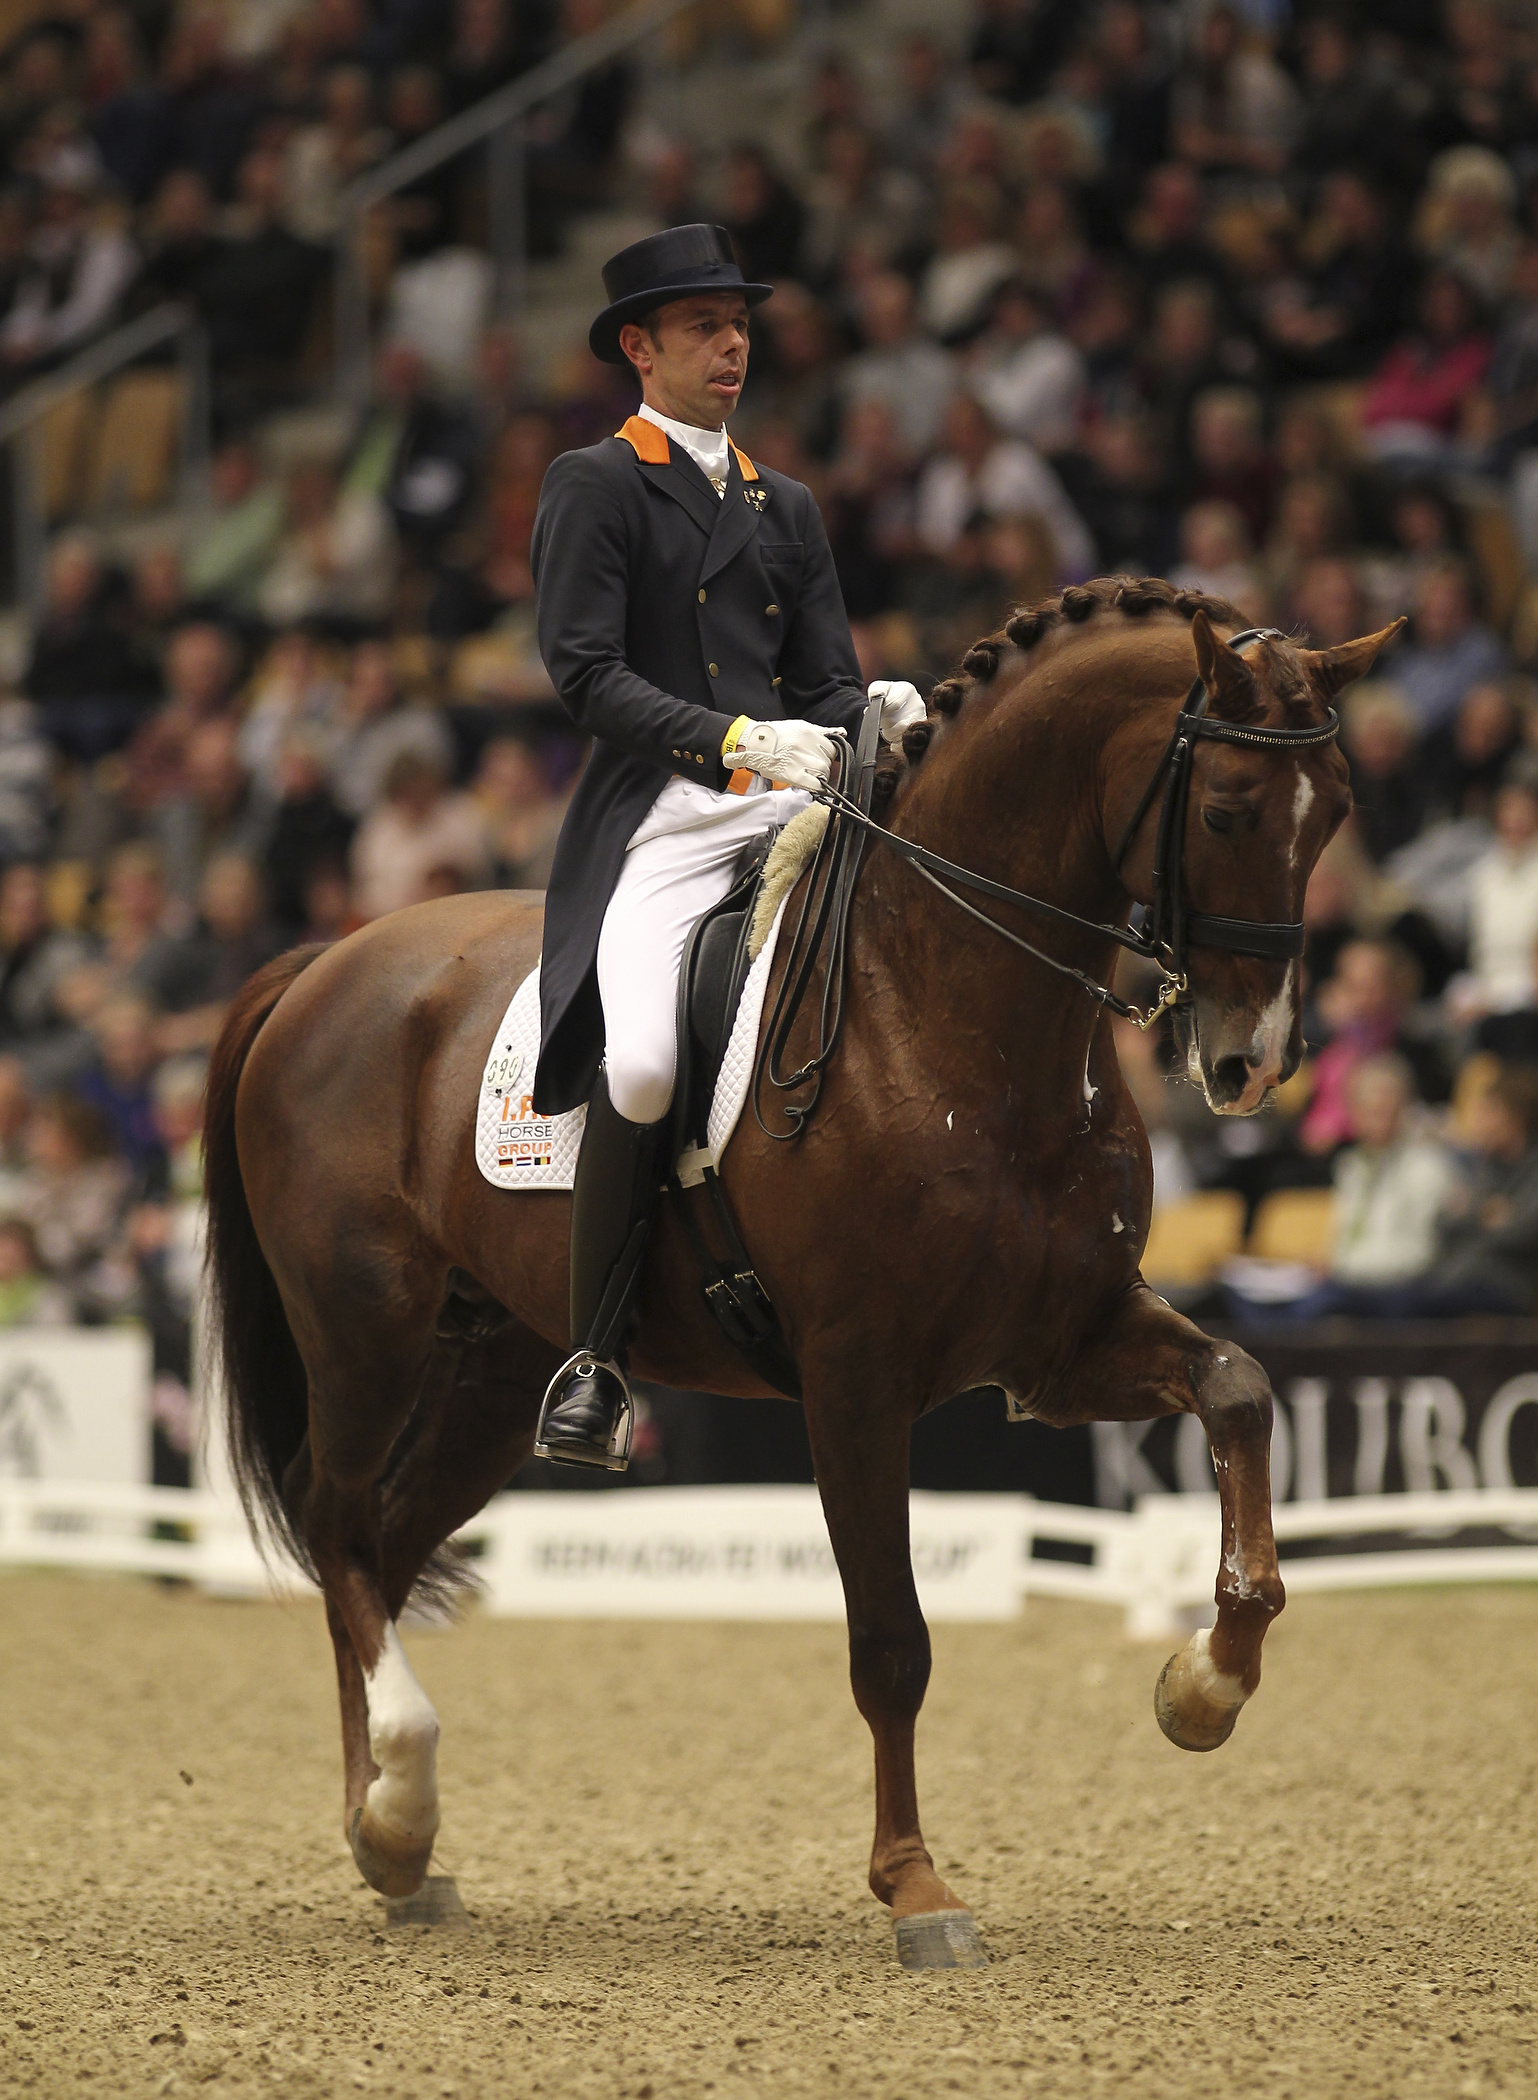 Hans Peter Minderhoud won in Odense de eerste wereldbeker van het seizoen met de hengst IPS Tango.